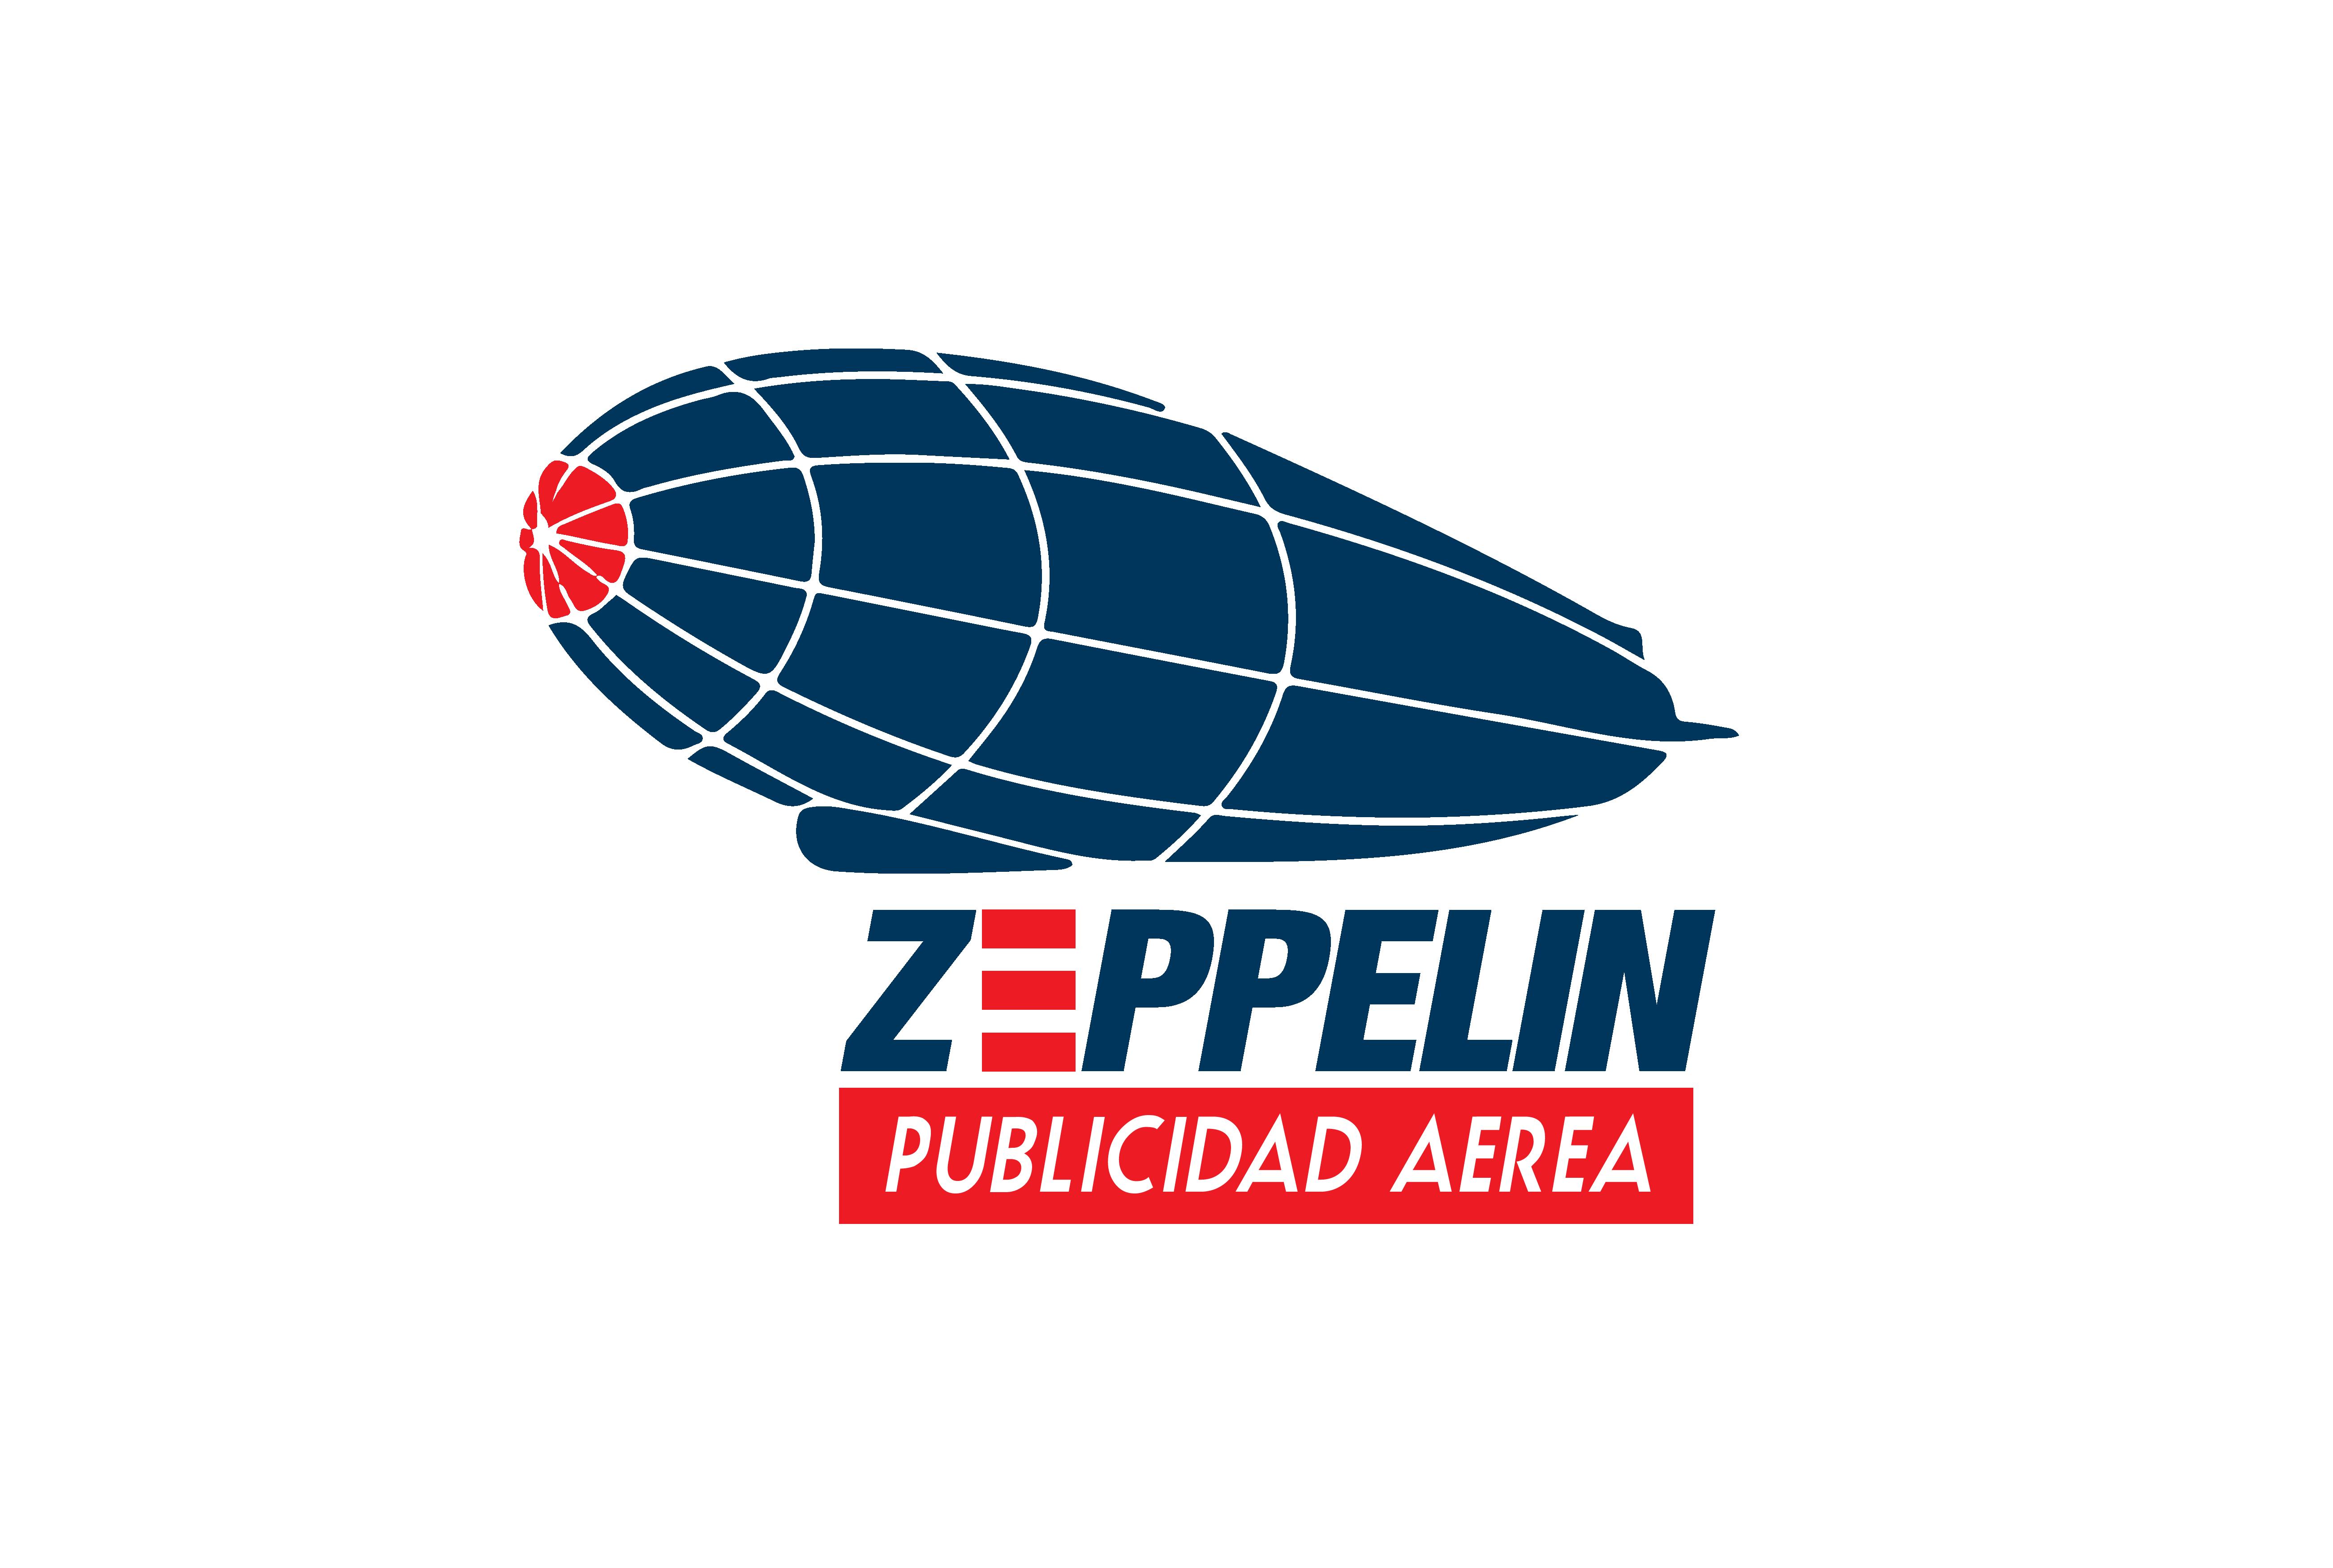 ZEPPELIN_R1final-01